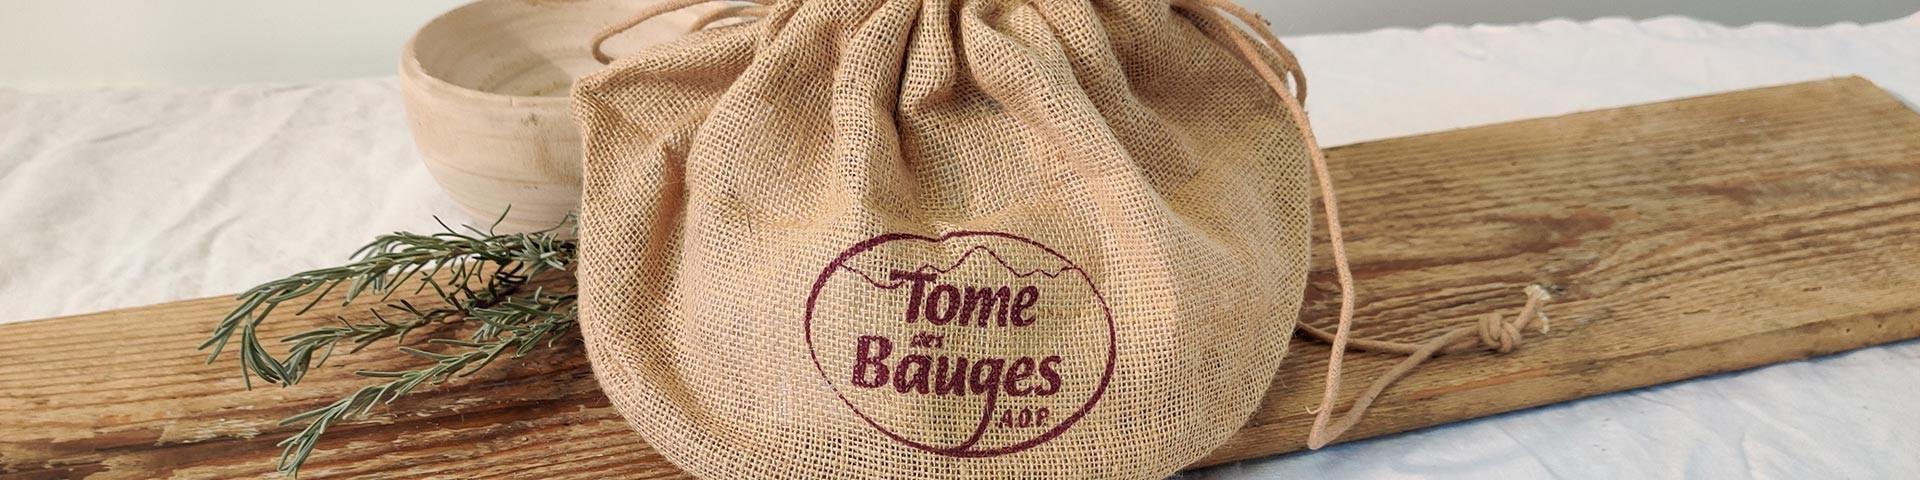 Les accessoires pour les fromages et produits des producteurs des Bauges | Savoie